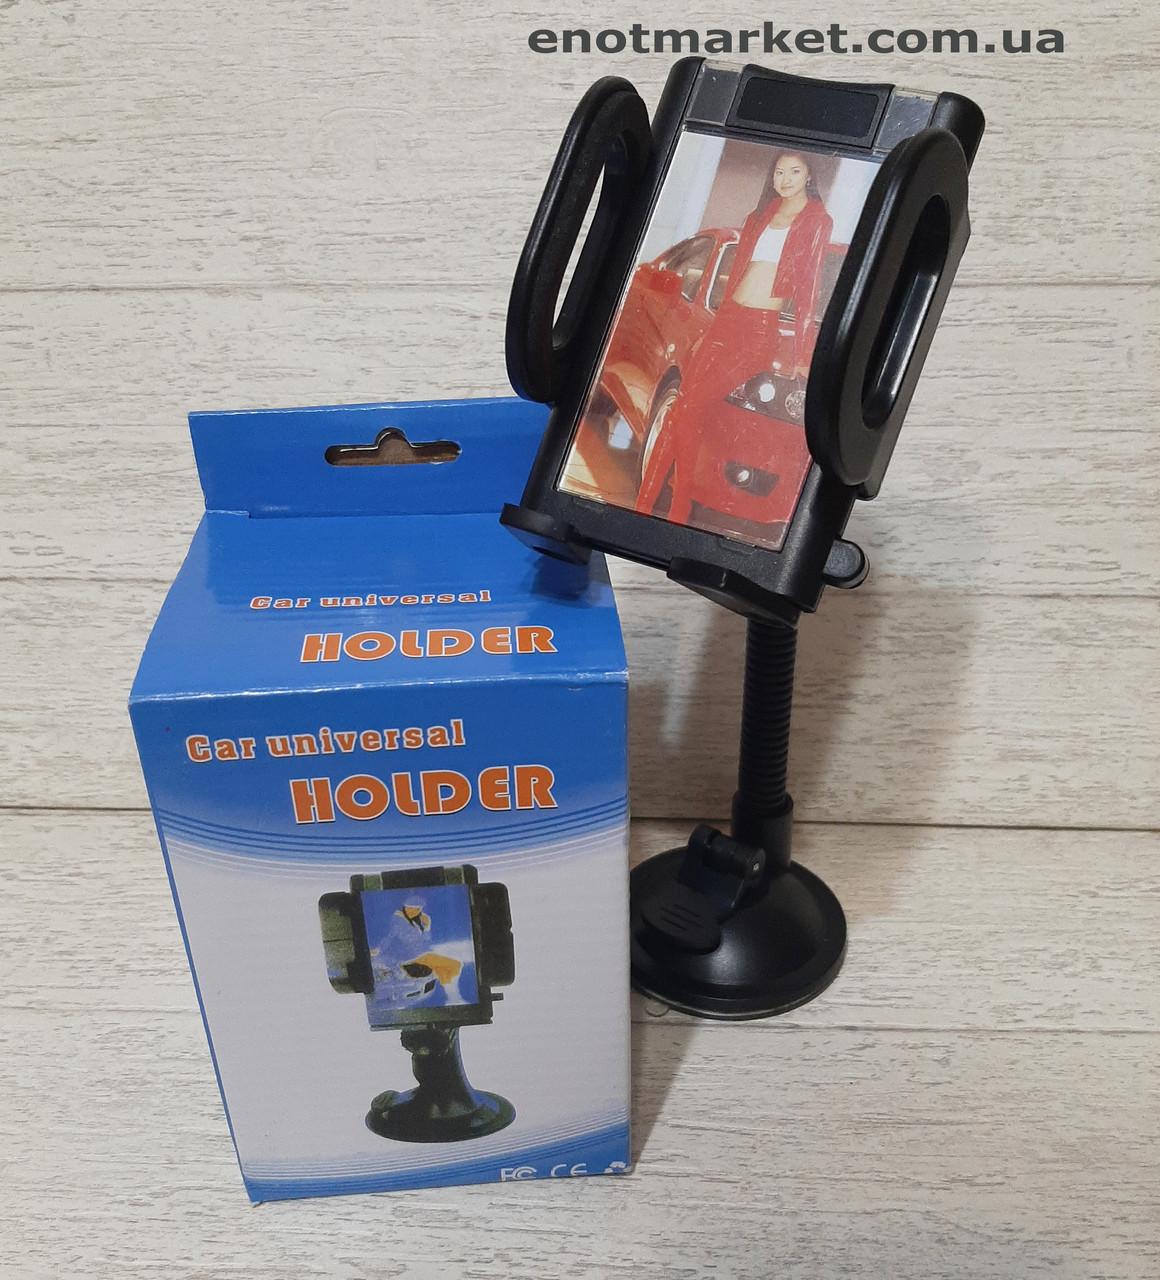 Тримач для телефону або планшета автомобільний на лобове скло або торпеду на присоску розсувний